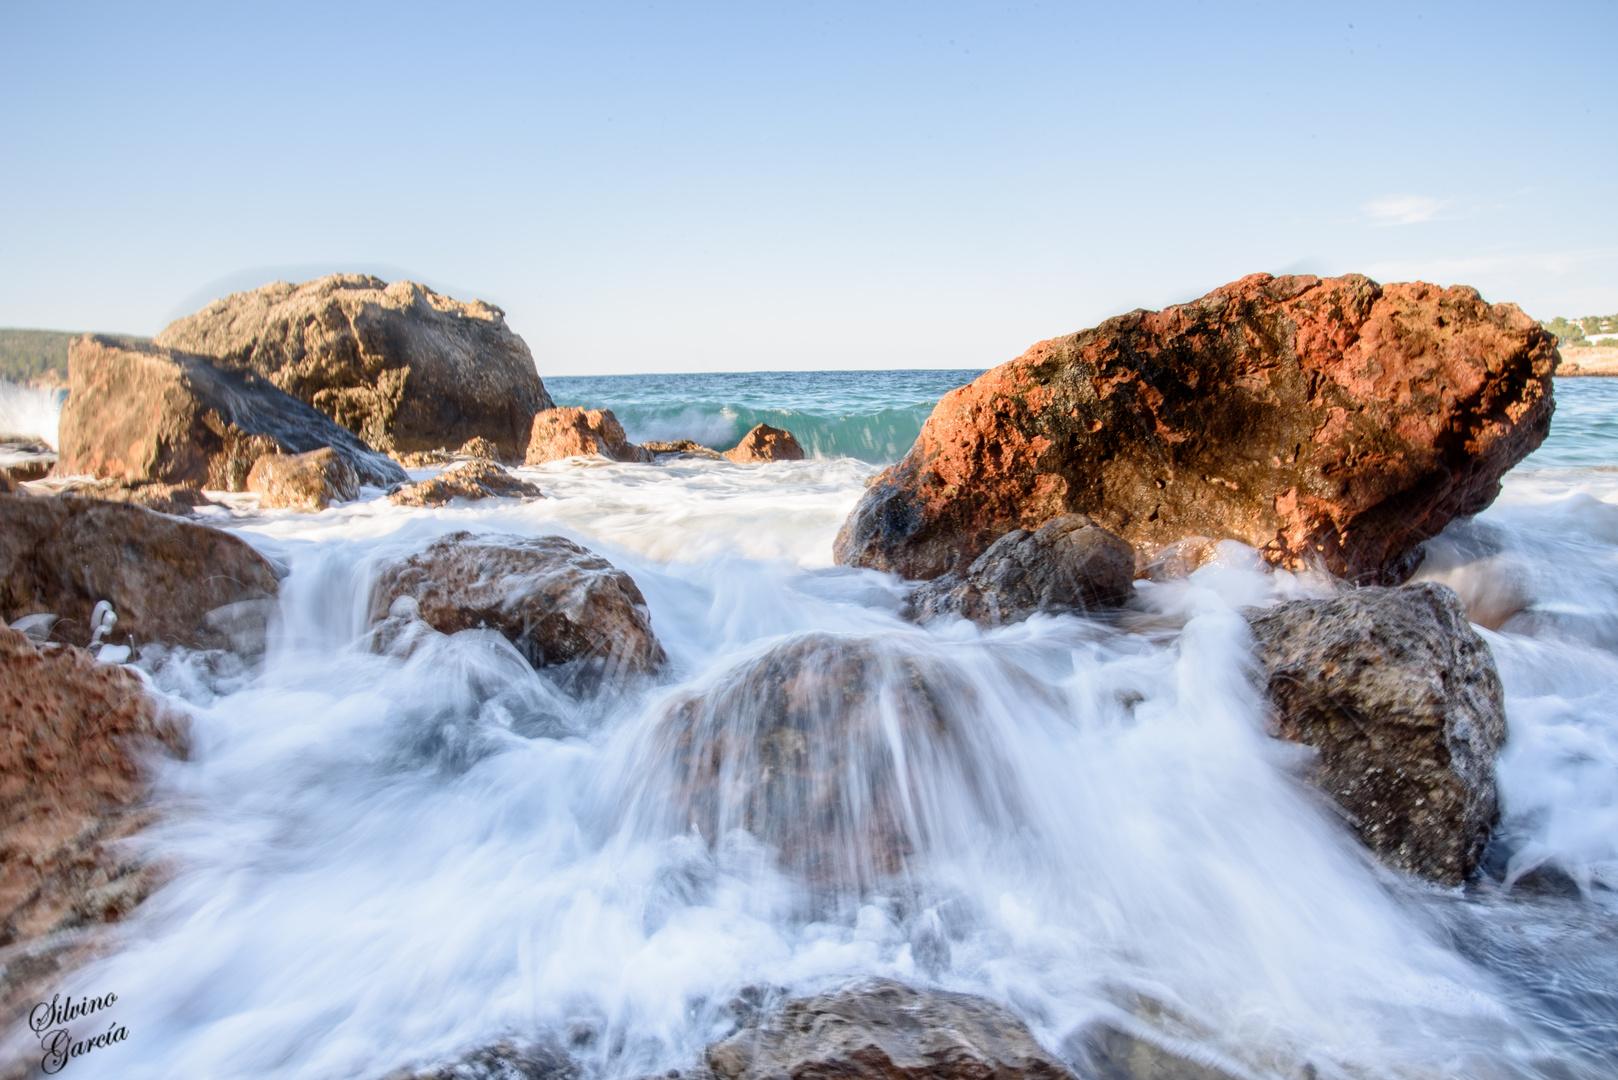 Agua y piedras